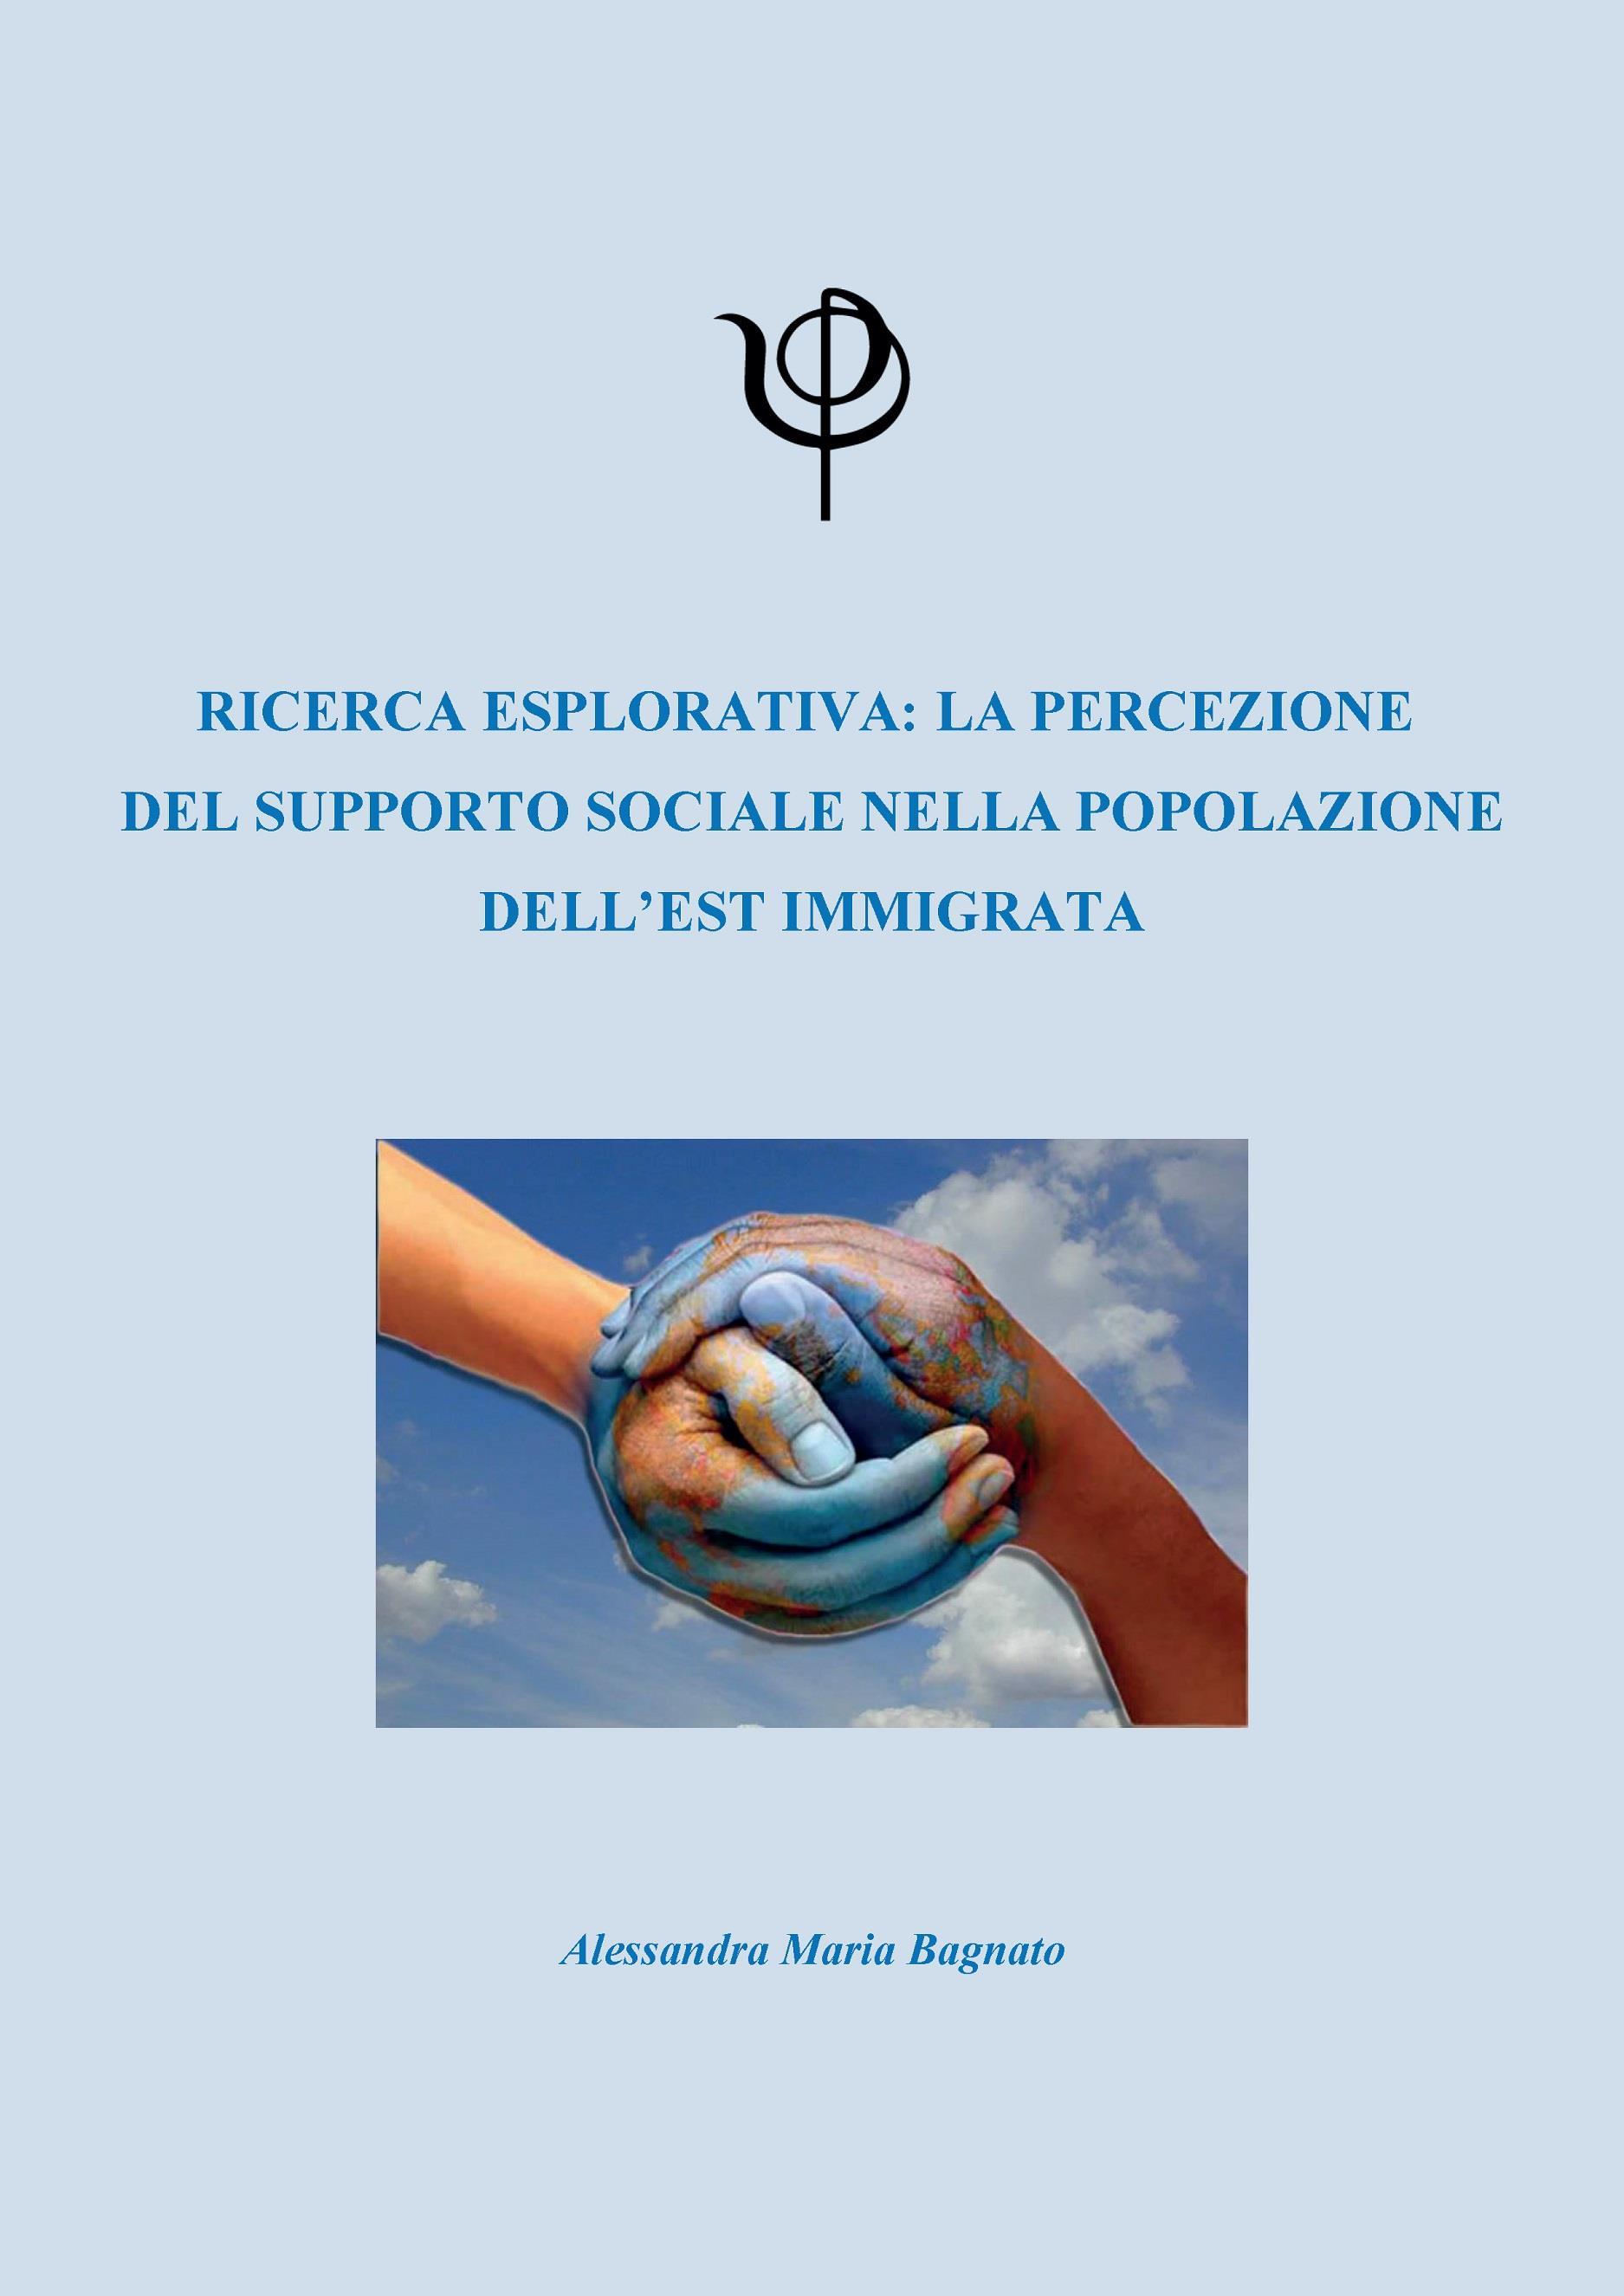 Ricerca esplorativa: la percezione  del supporto sociale nella popolazione dell'est immigrata